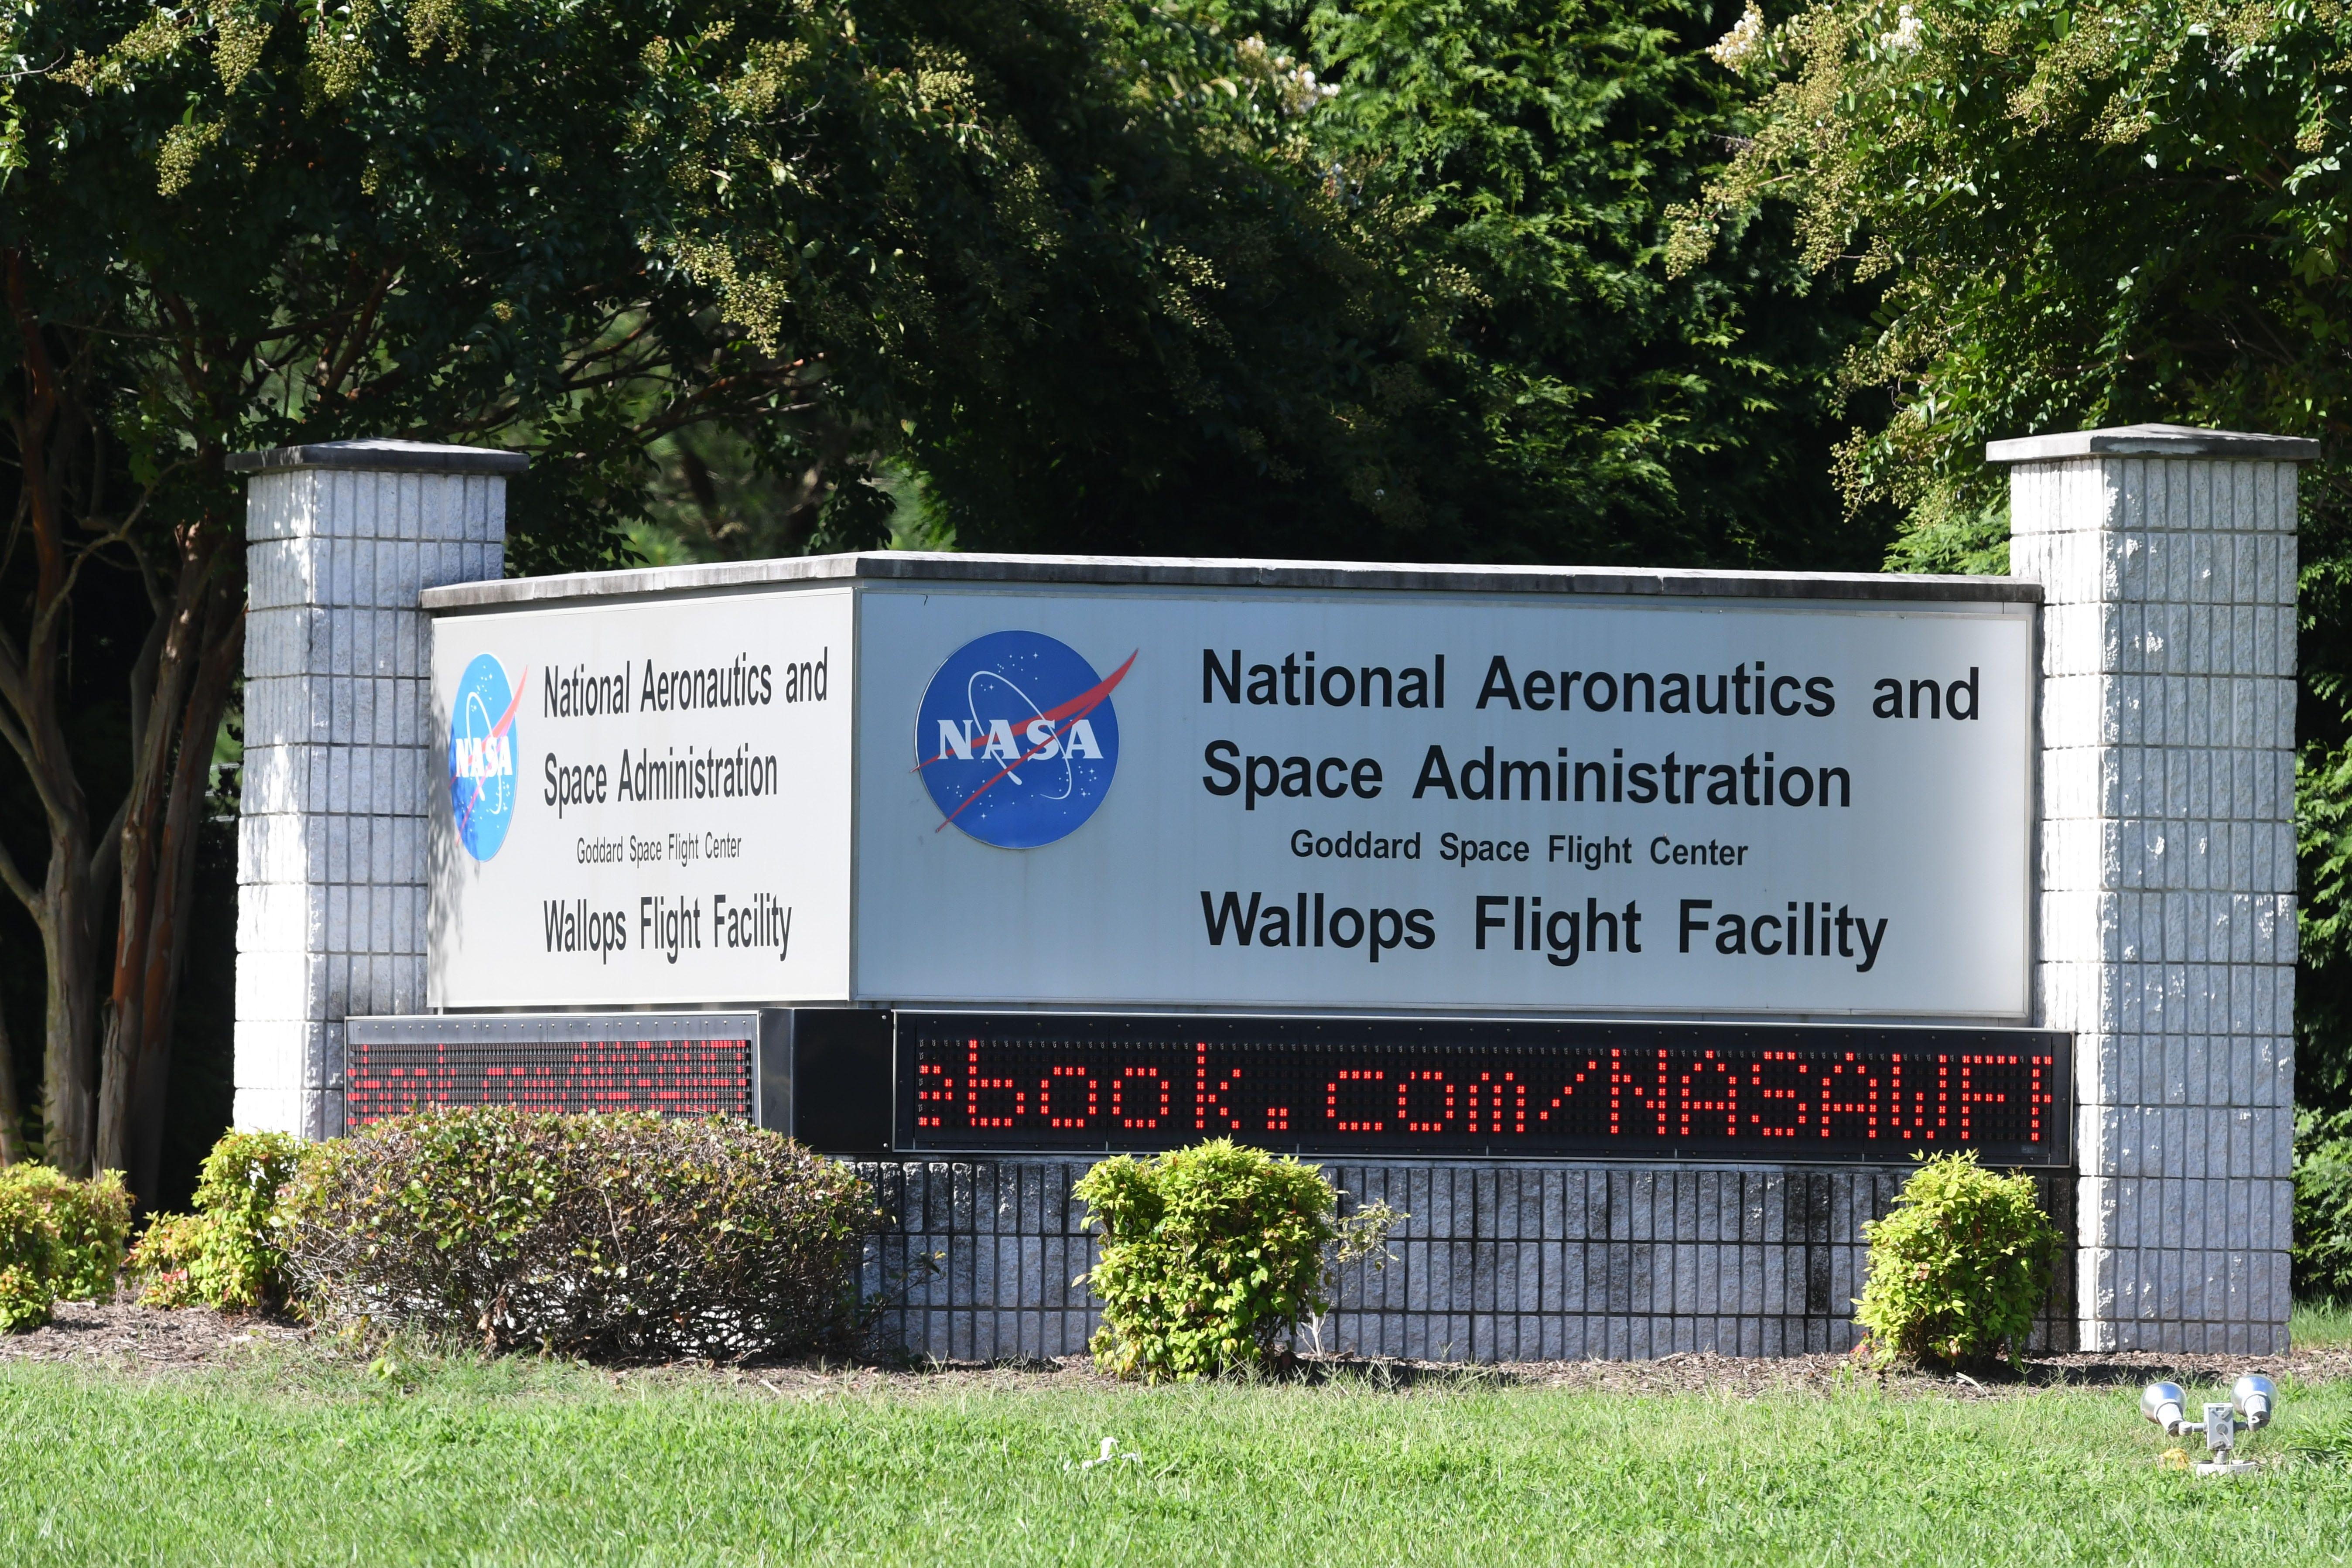 u0027No threat to Wallopsu0027 according to NASA